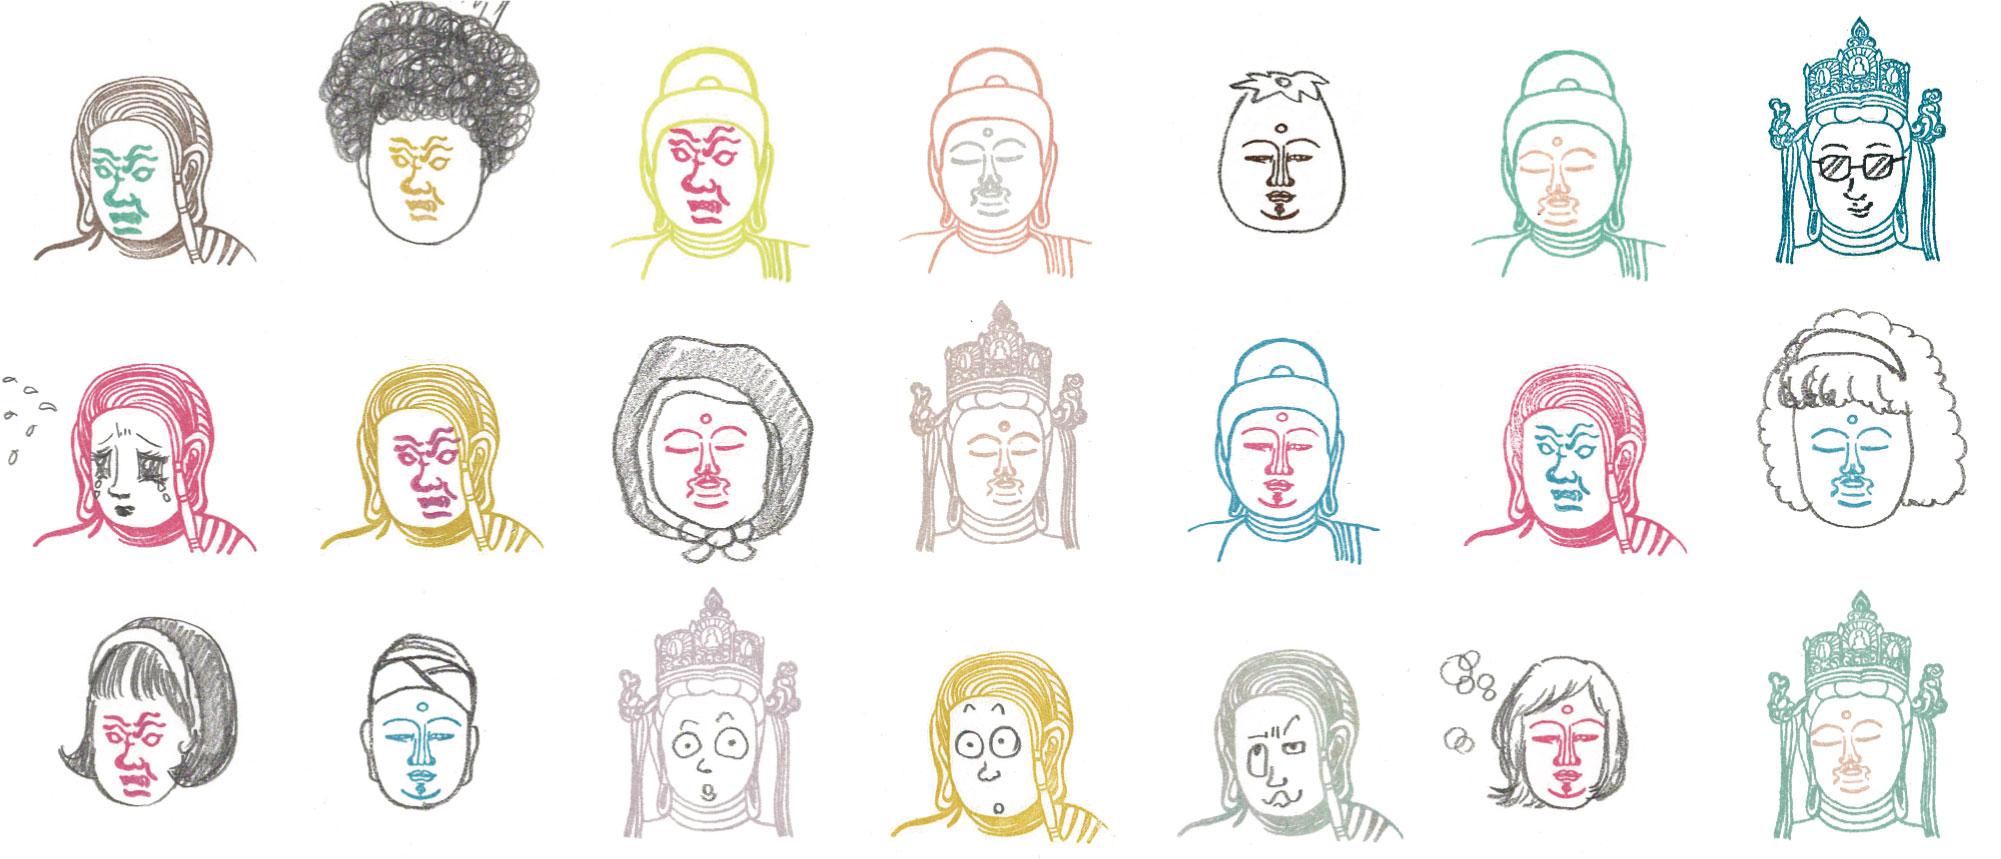 あなただけの仏像が作れる!? 仏像顔出しはんこ